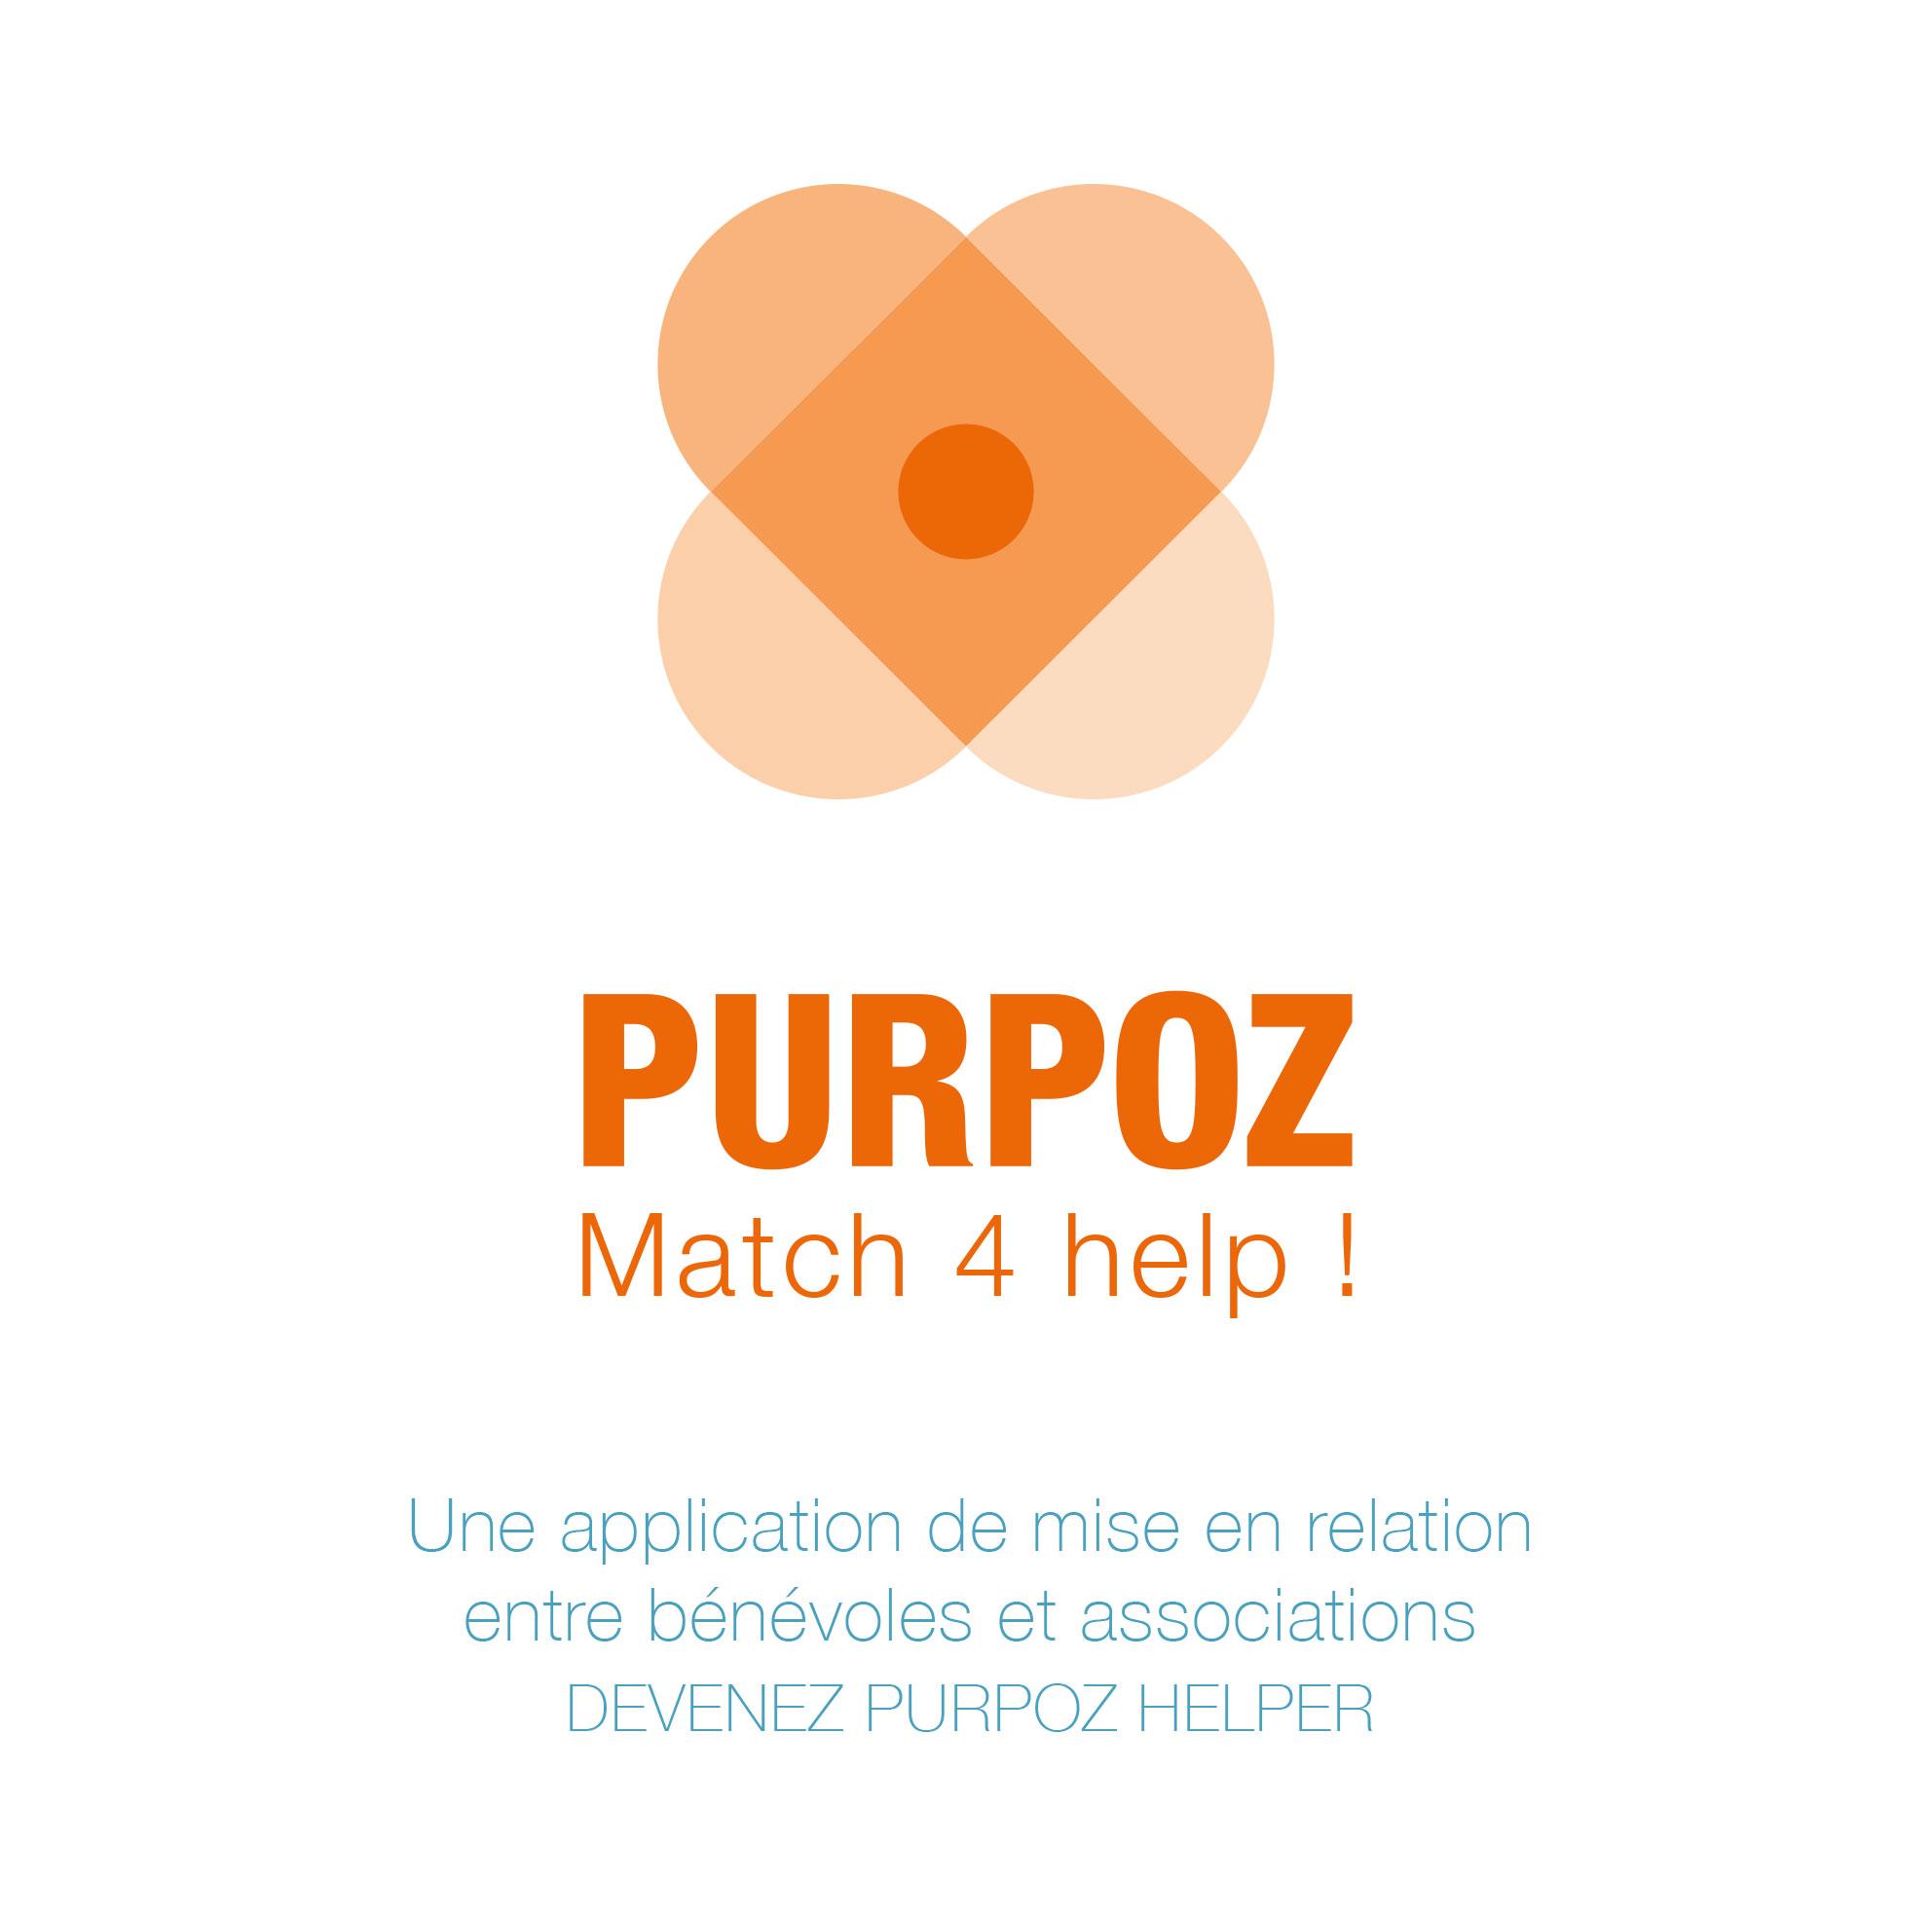 creation-design-graphique-identite-visuelle-naming-logo-digital-application-participative-nico-nico-nicolas-vignais-designer-graphique-independant-identite-visuelle-packaging-bordeaux-france-2